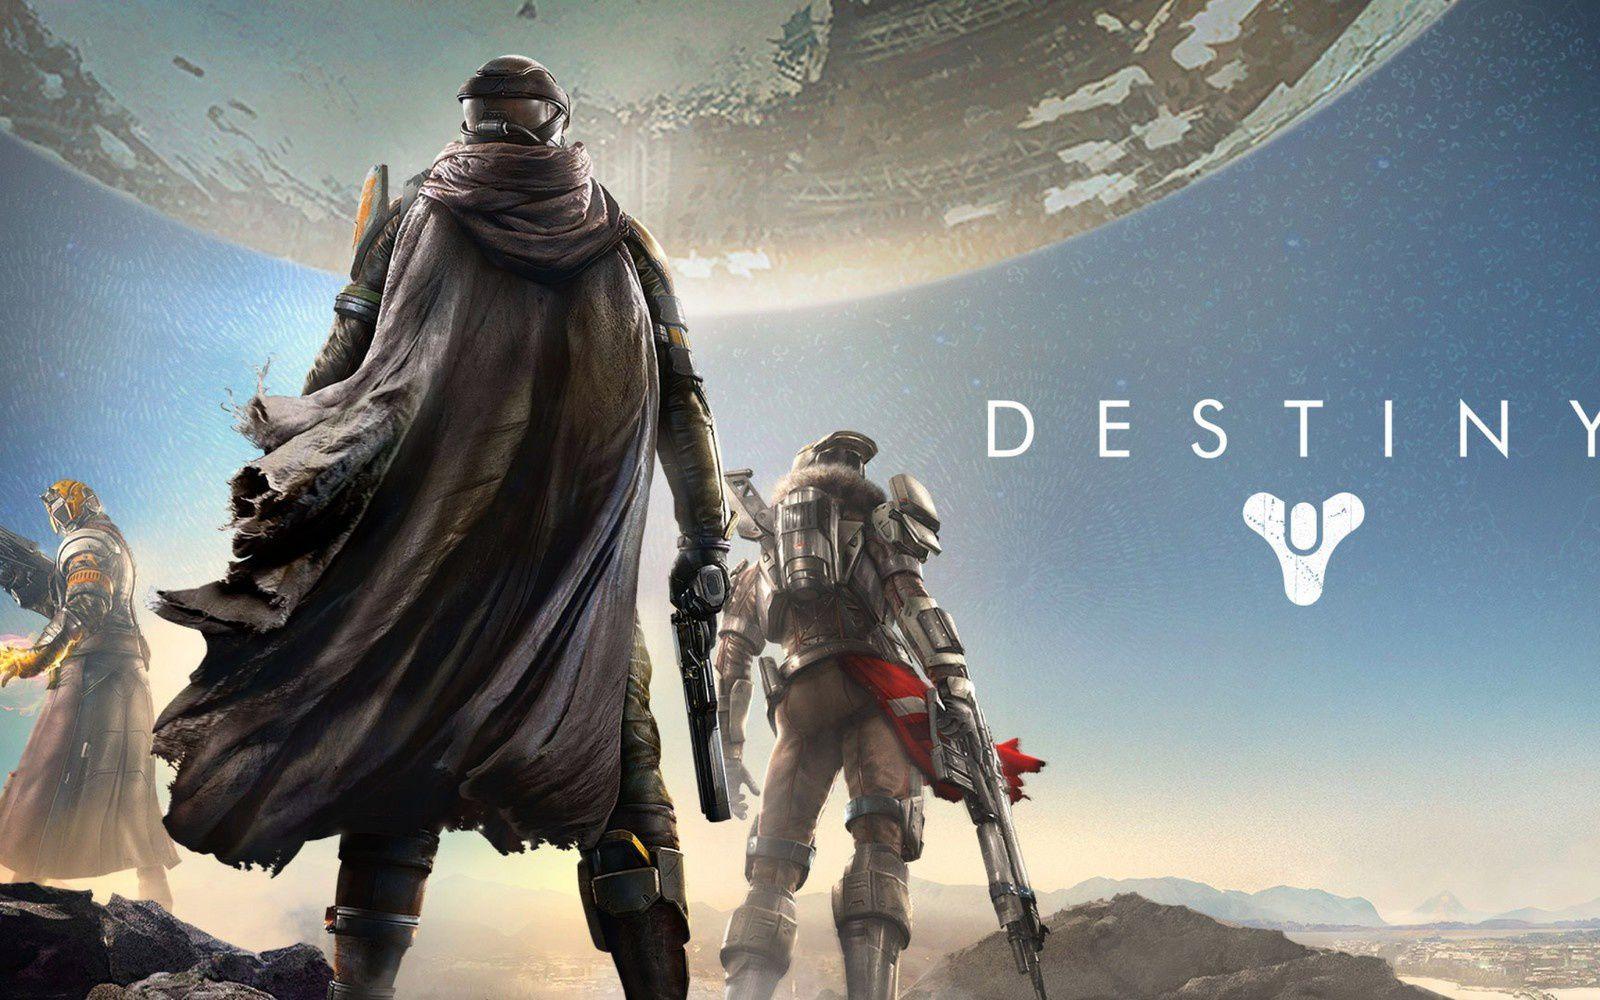 Jeux video: Test de Destiny #xboxone 15/20 #activision